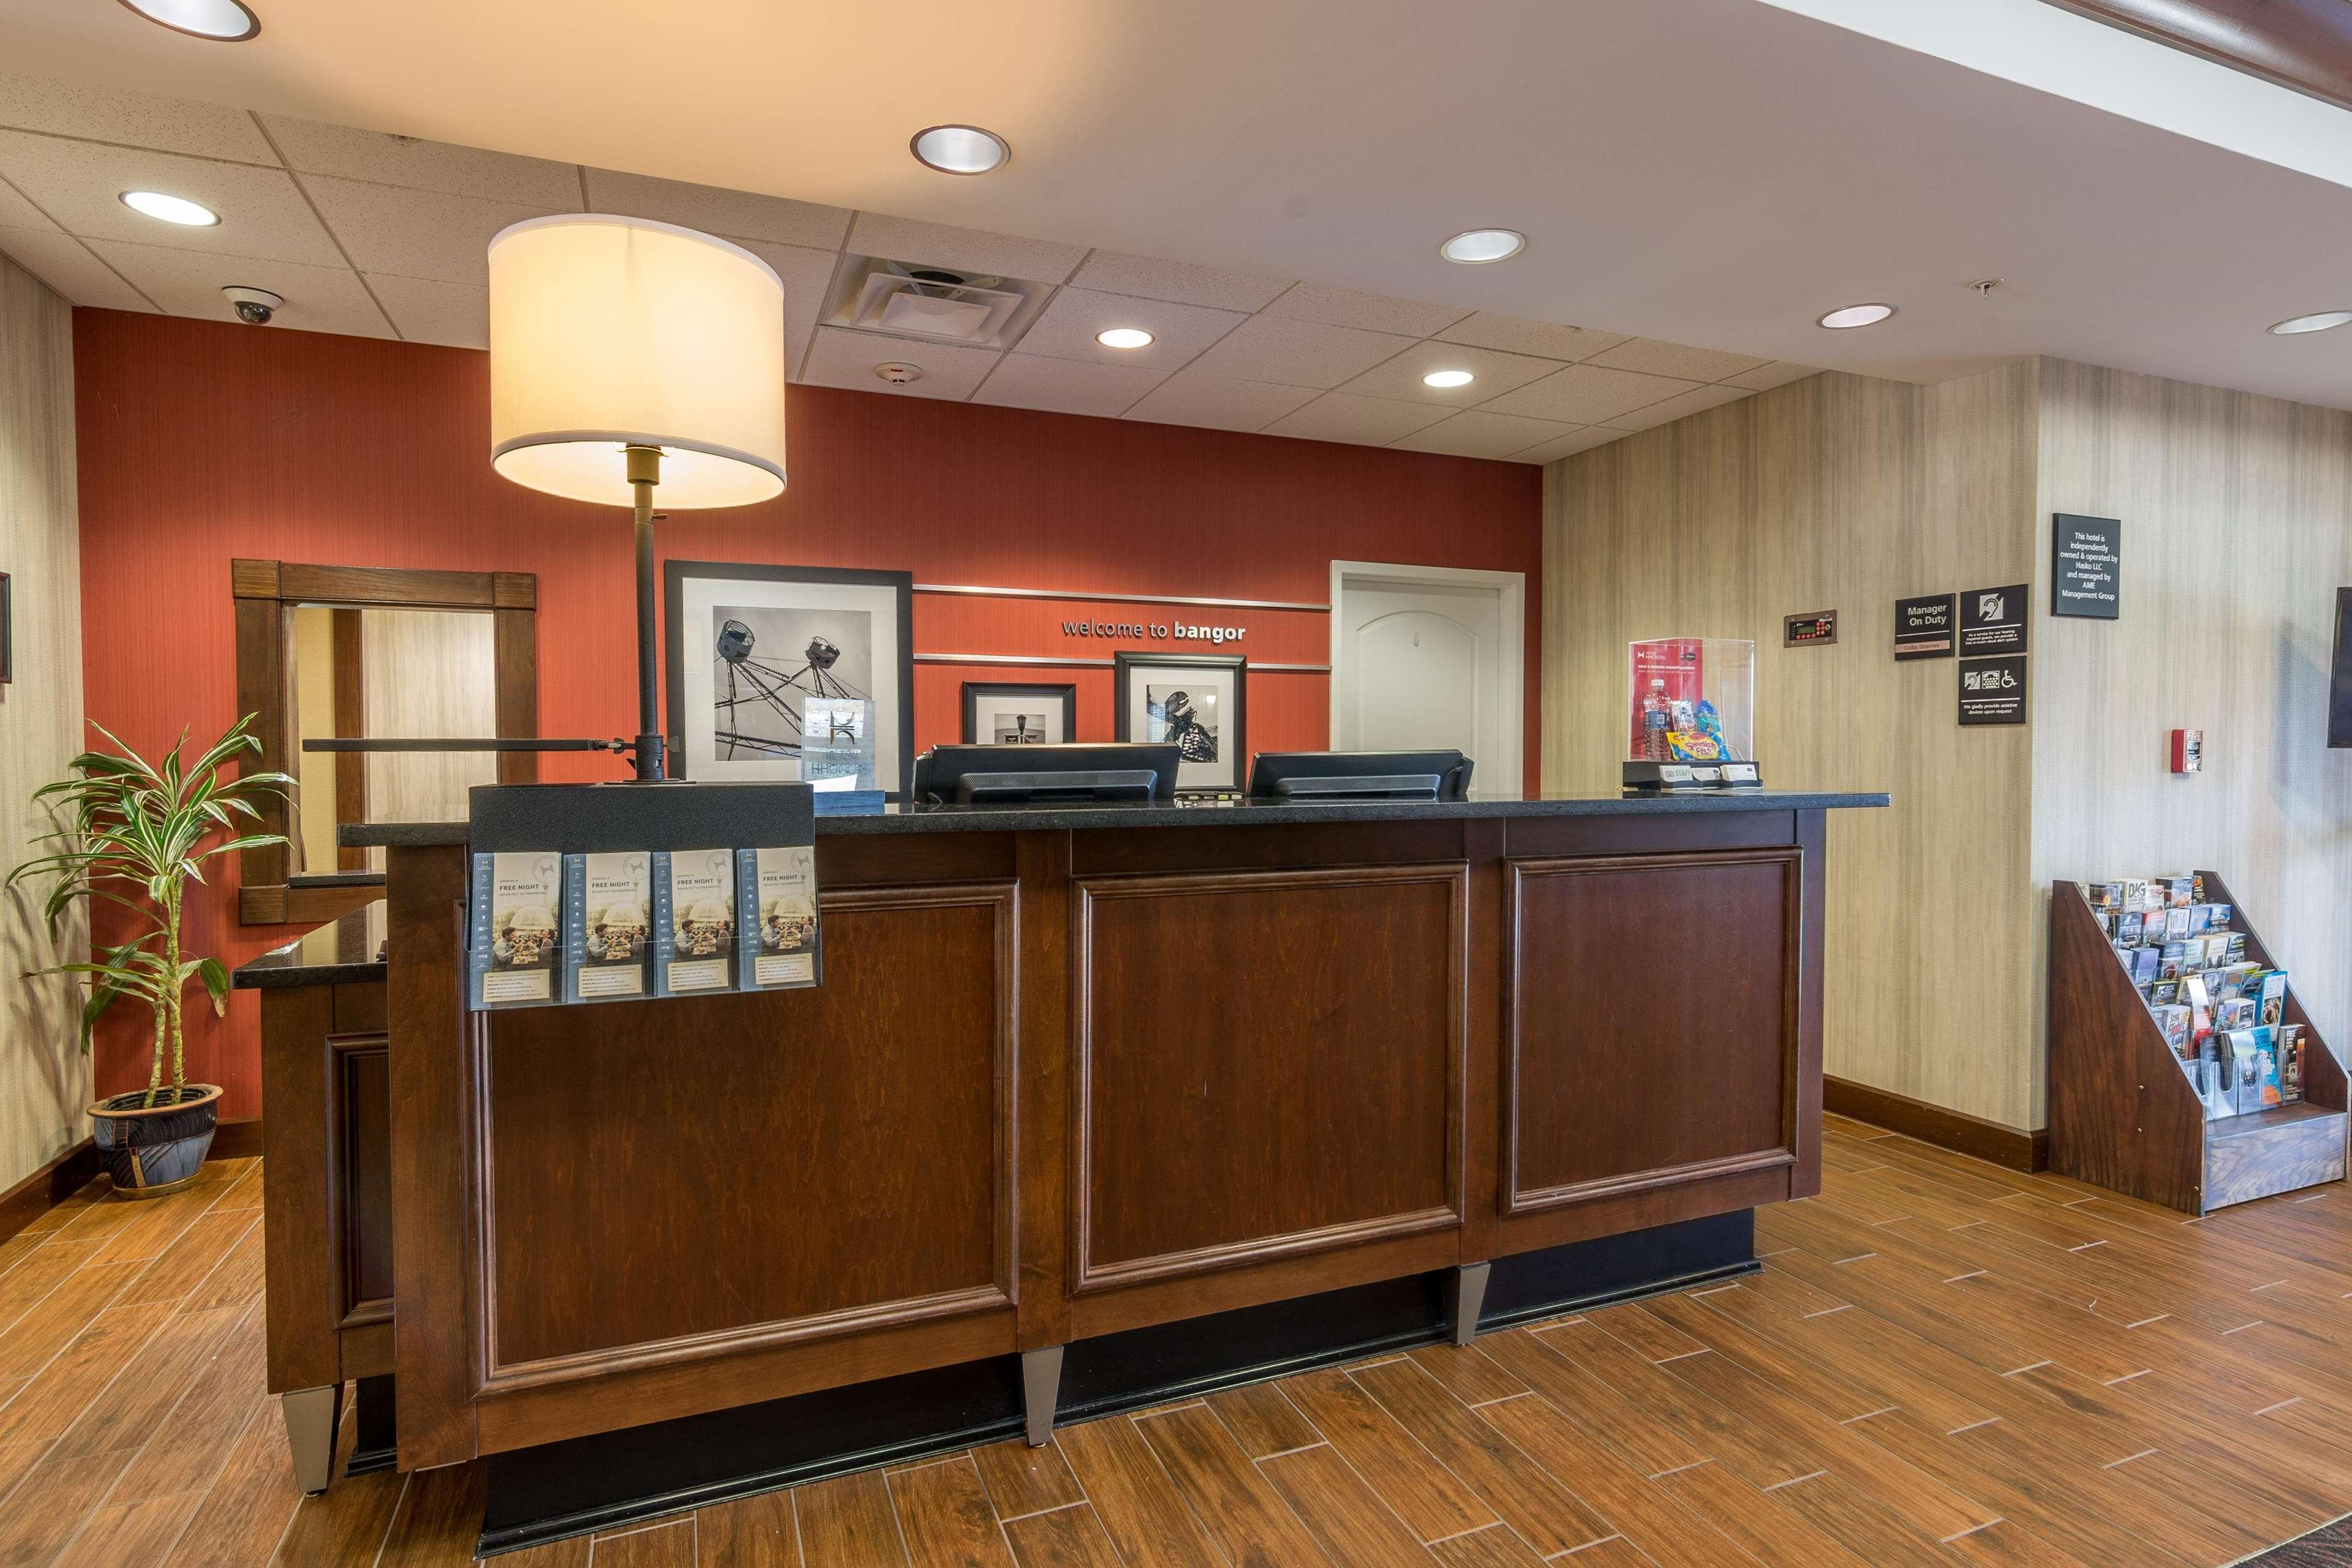 Comfort Inn Bangor Mall.Quality Inn At Bangor Mall Bangor Maine ME ...